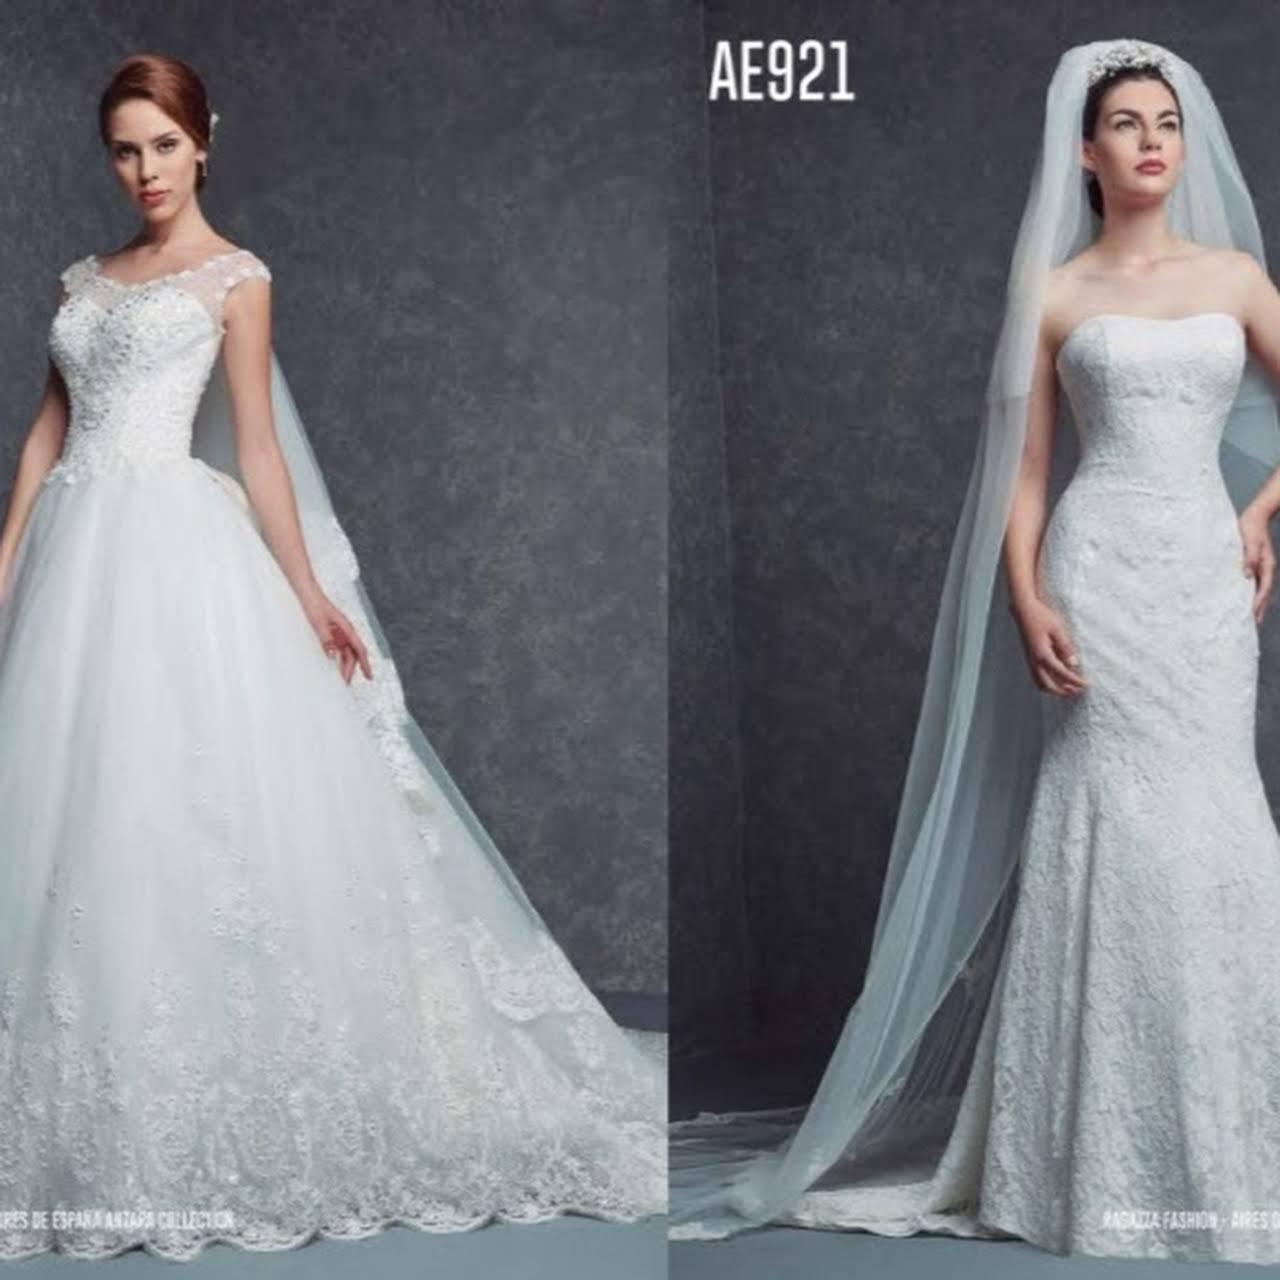 Donde comprar vestidos de novia en villahermosa